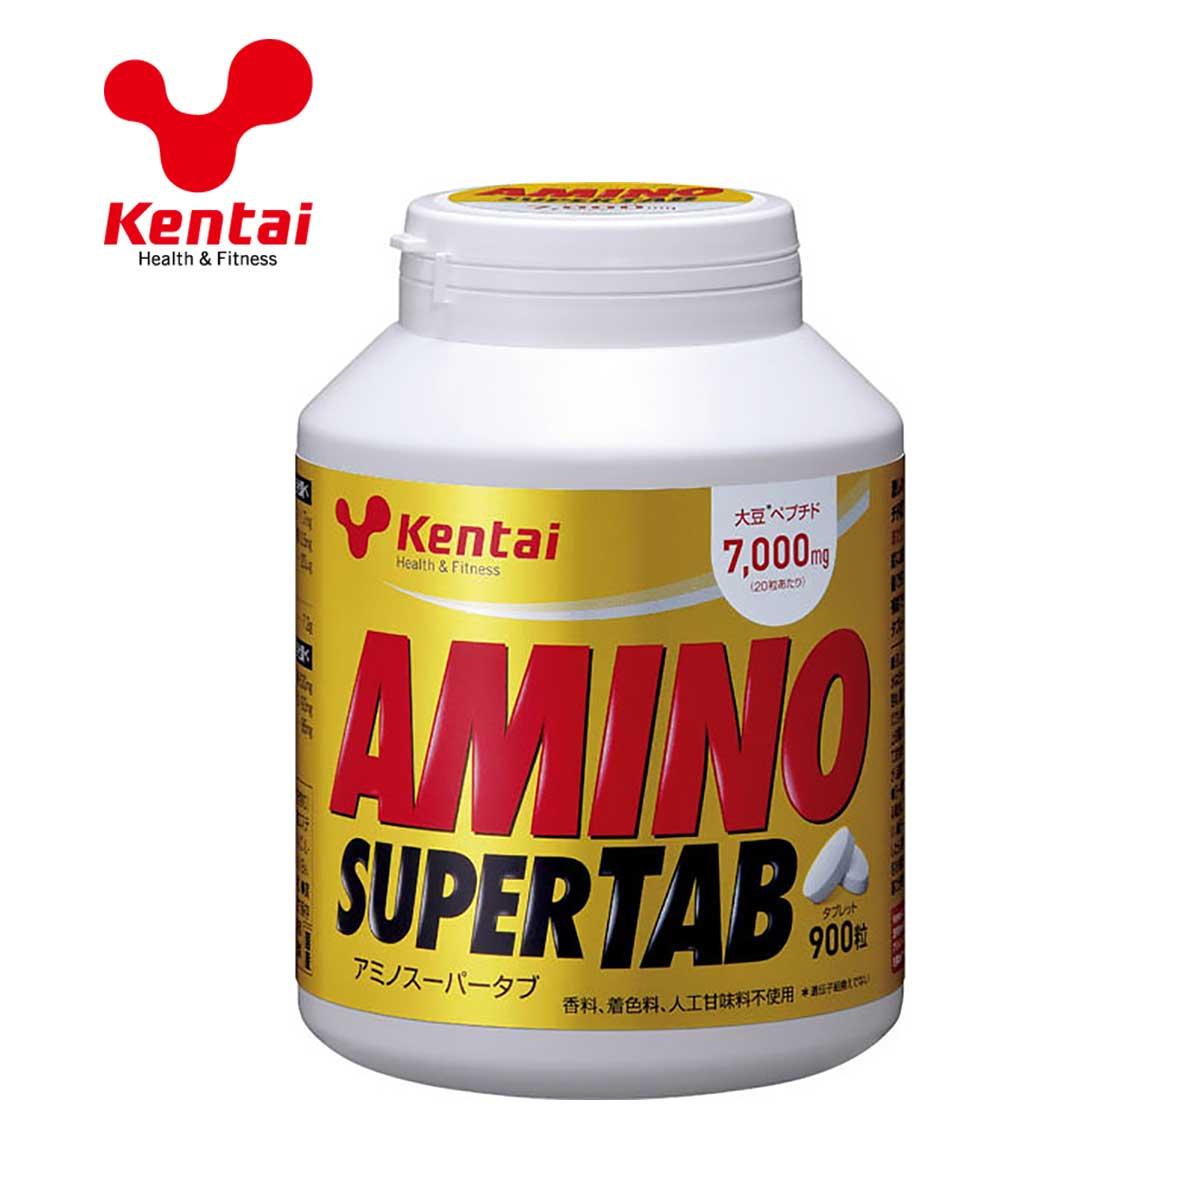 オンライン限定商品 超目玉 KTK-K5404 いつでもどこでも手軽にアミノ酸補給 Kentai 健康体力研究所 スーパー アミノ 900粒 タブ